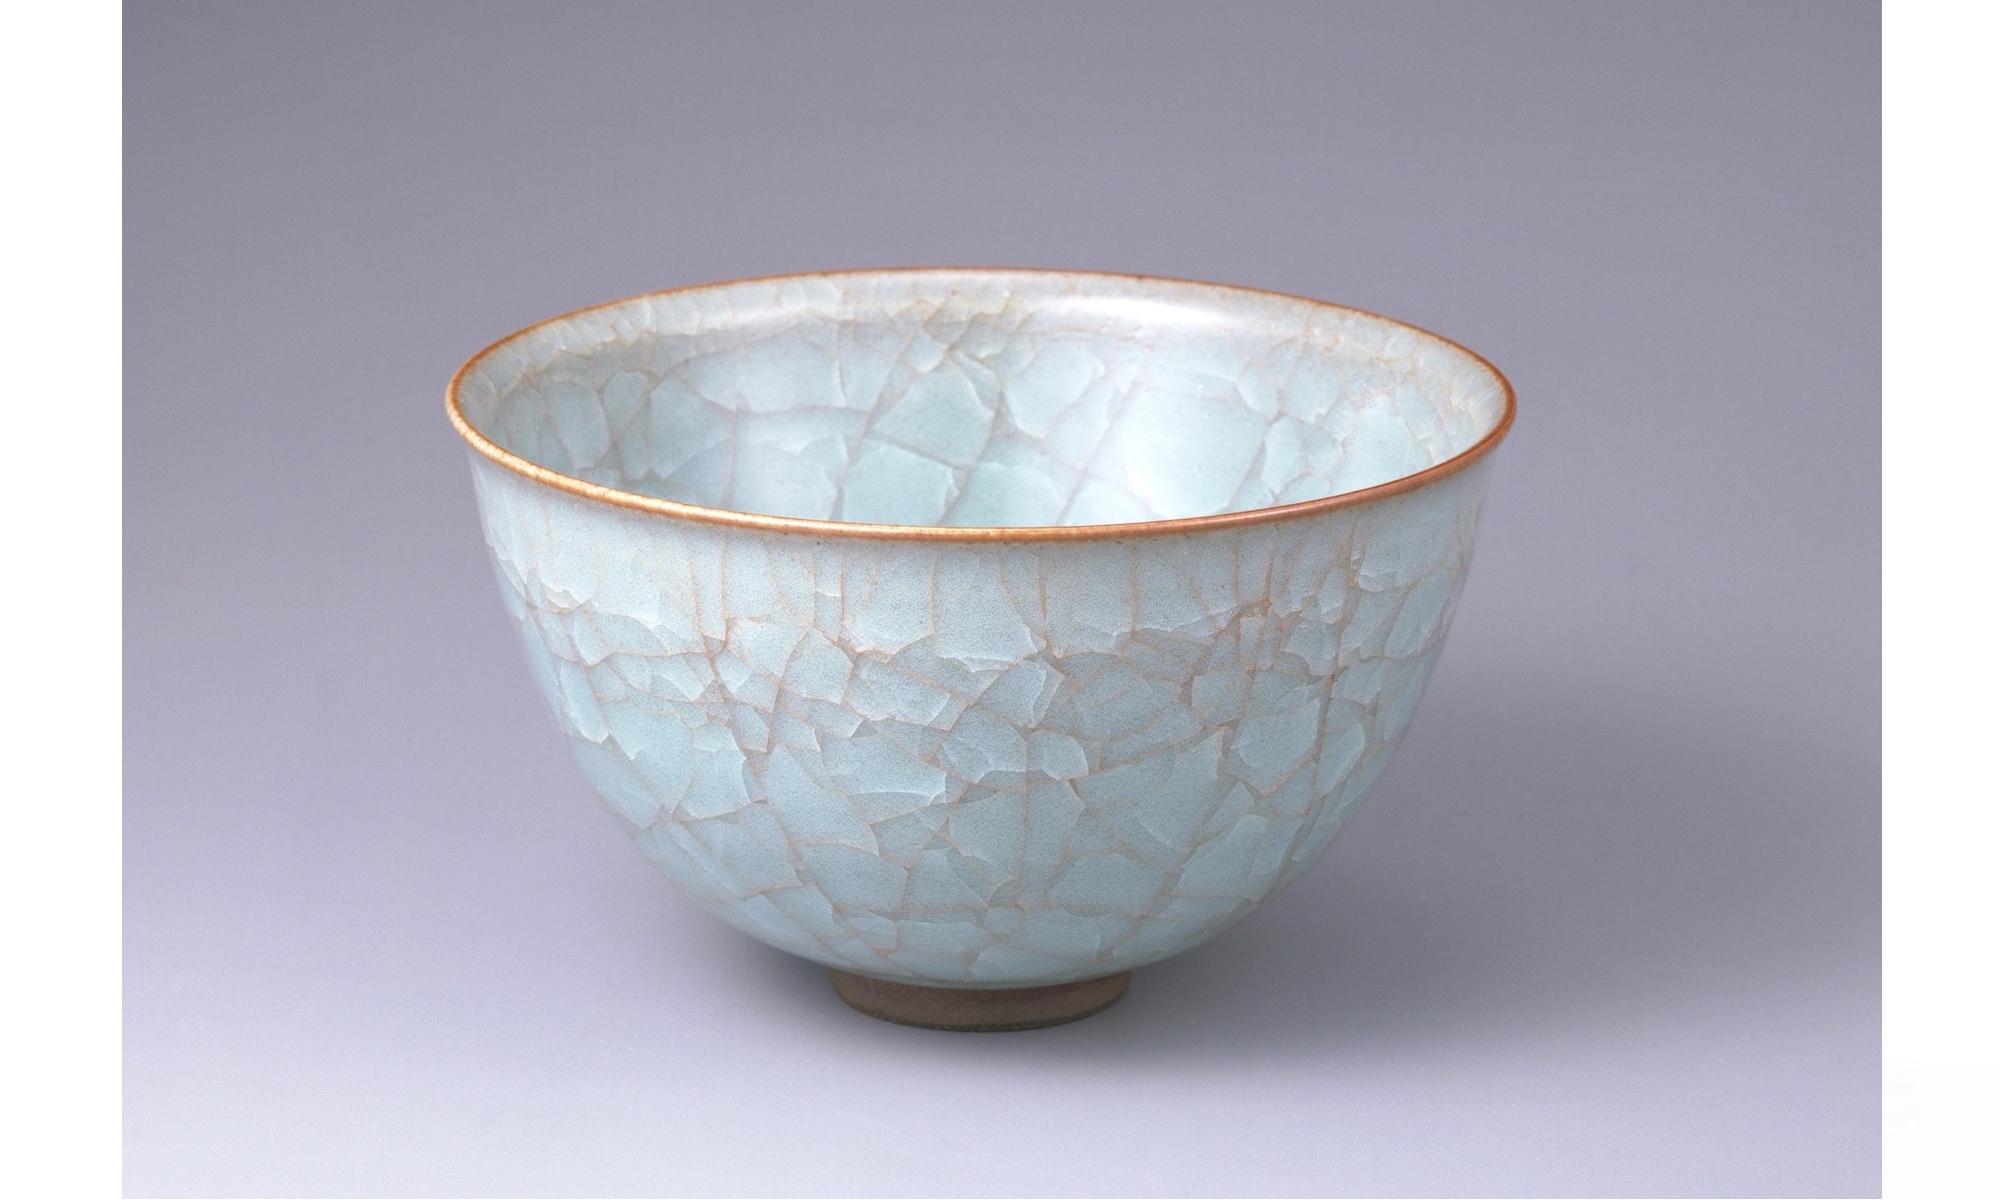 ポーラ美術館コレクション展示「近代陶芸 陶芸家たちの古典復興」